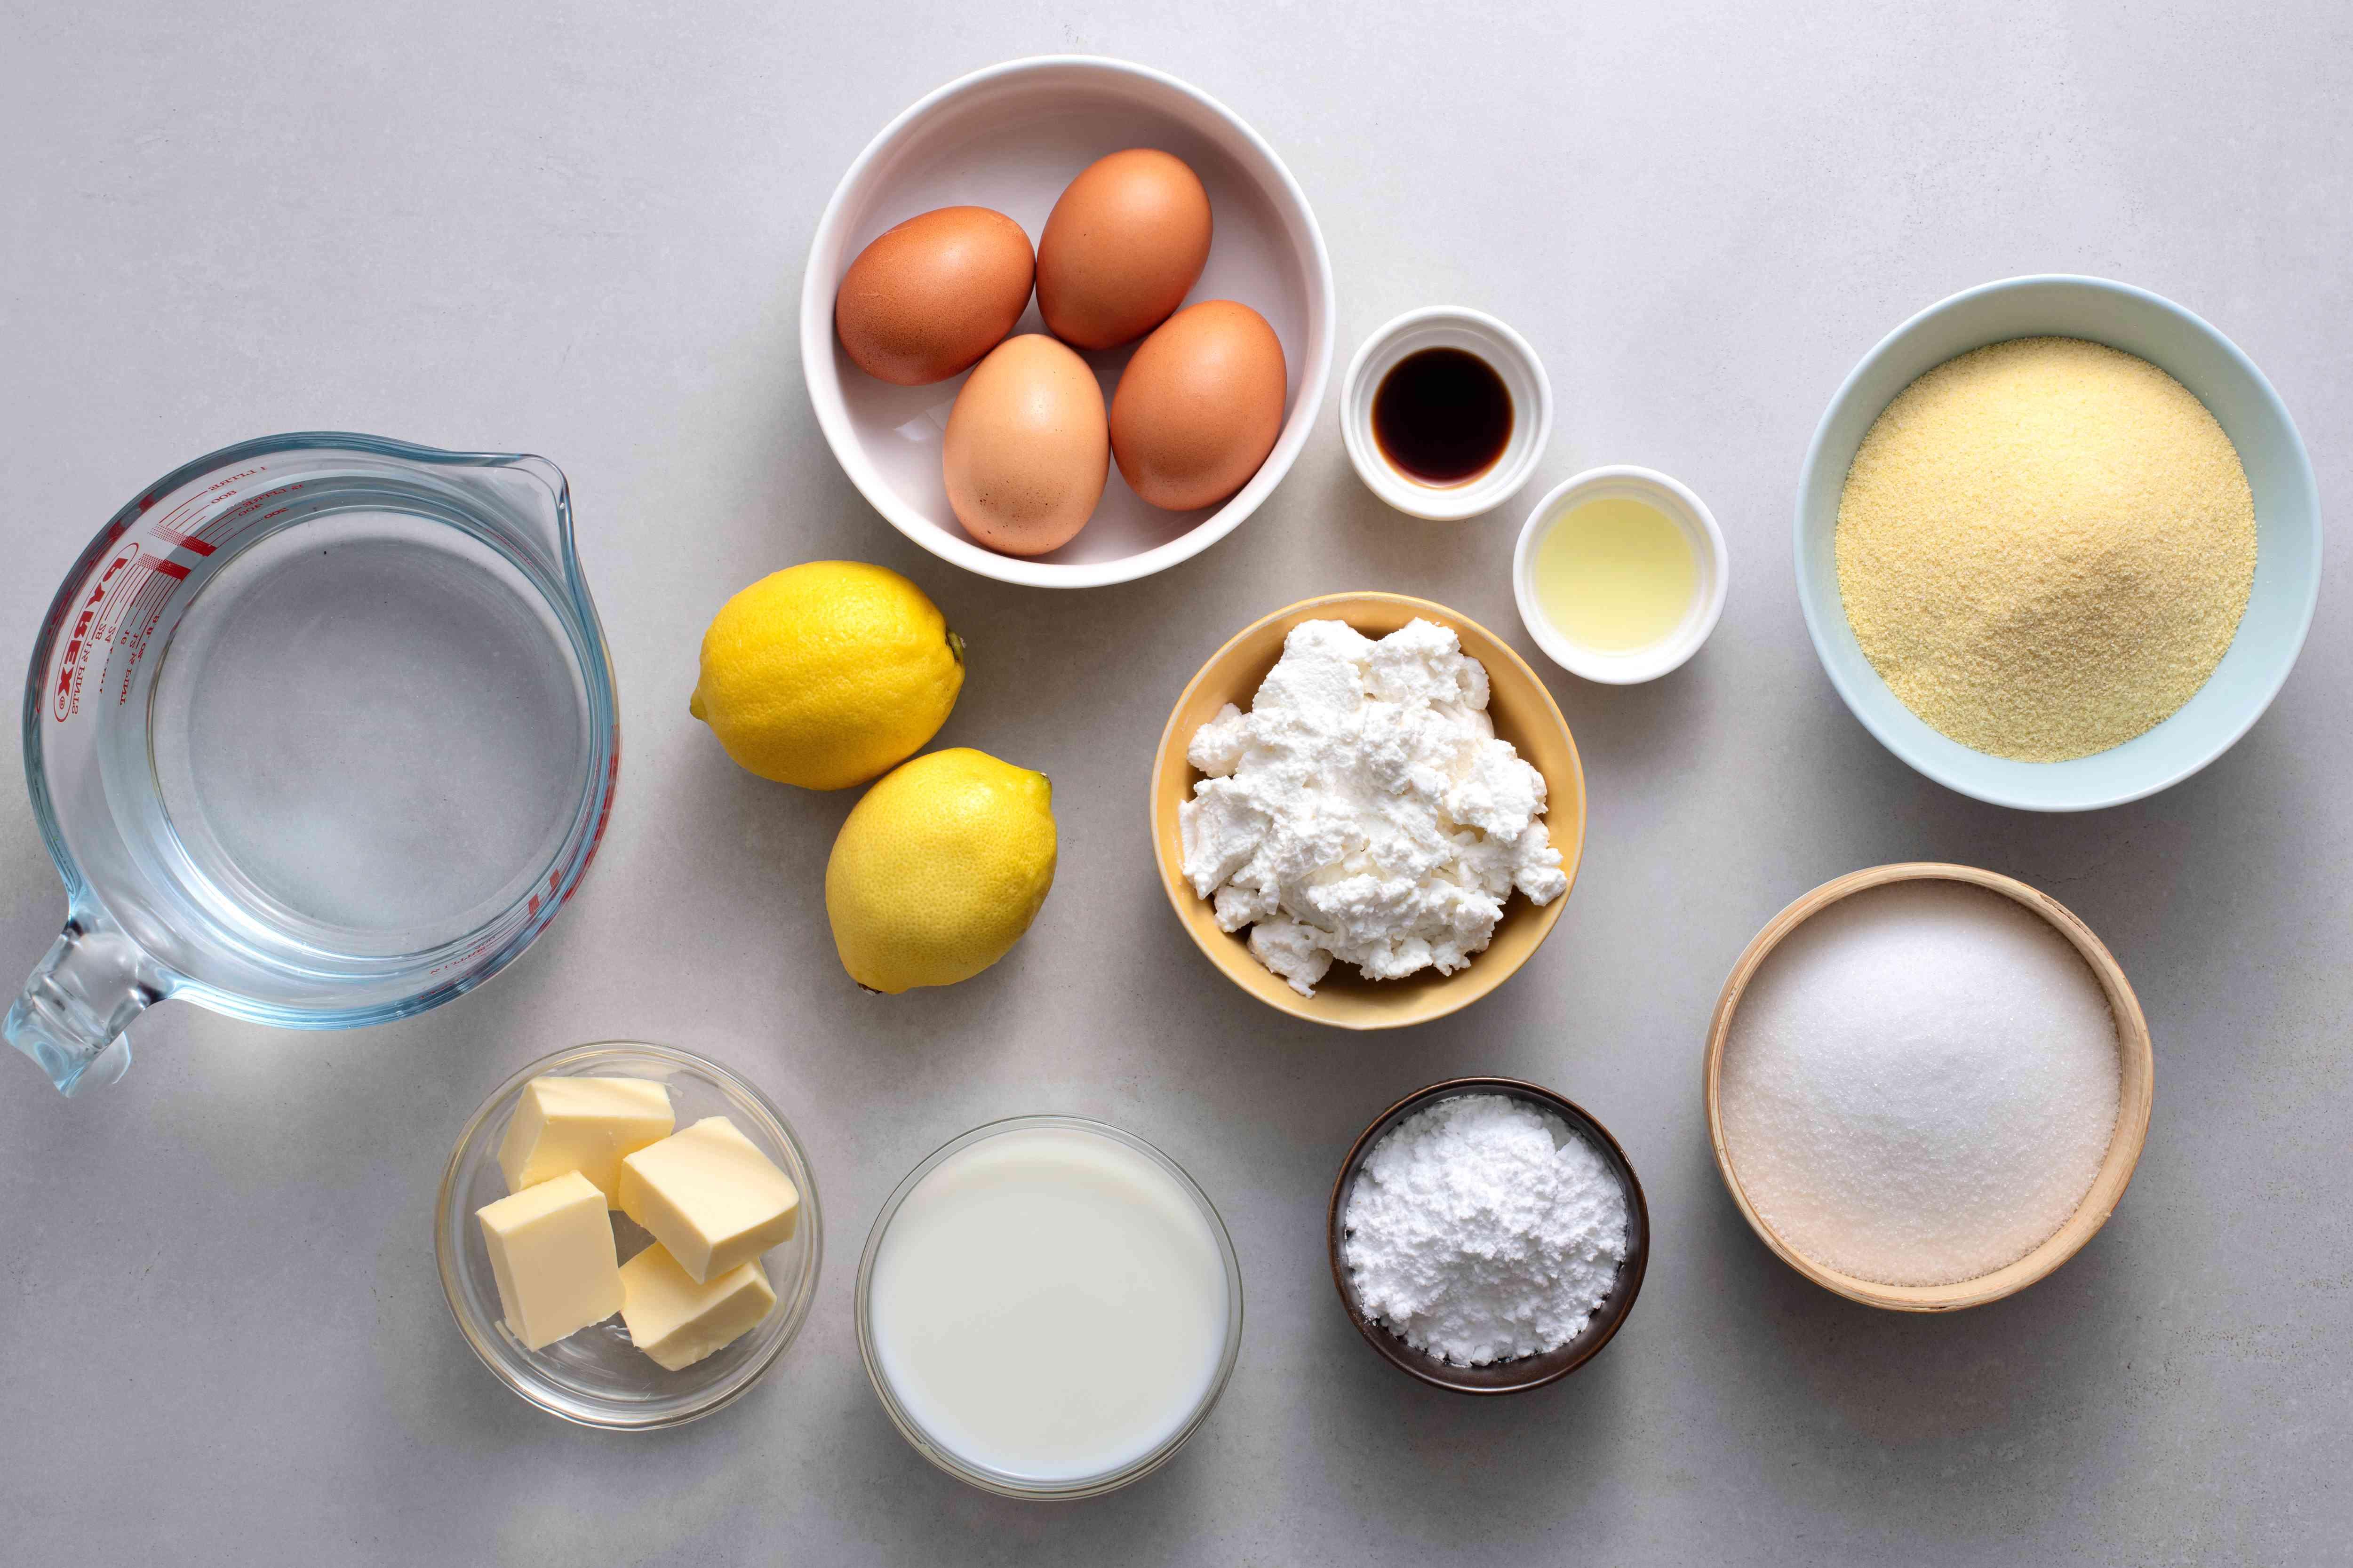 Naples-Style Lemon Ricotta Cake (Migliaccio) ingredients